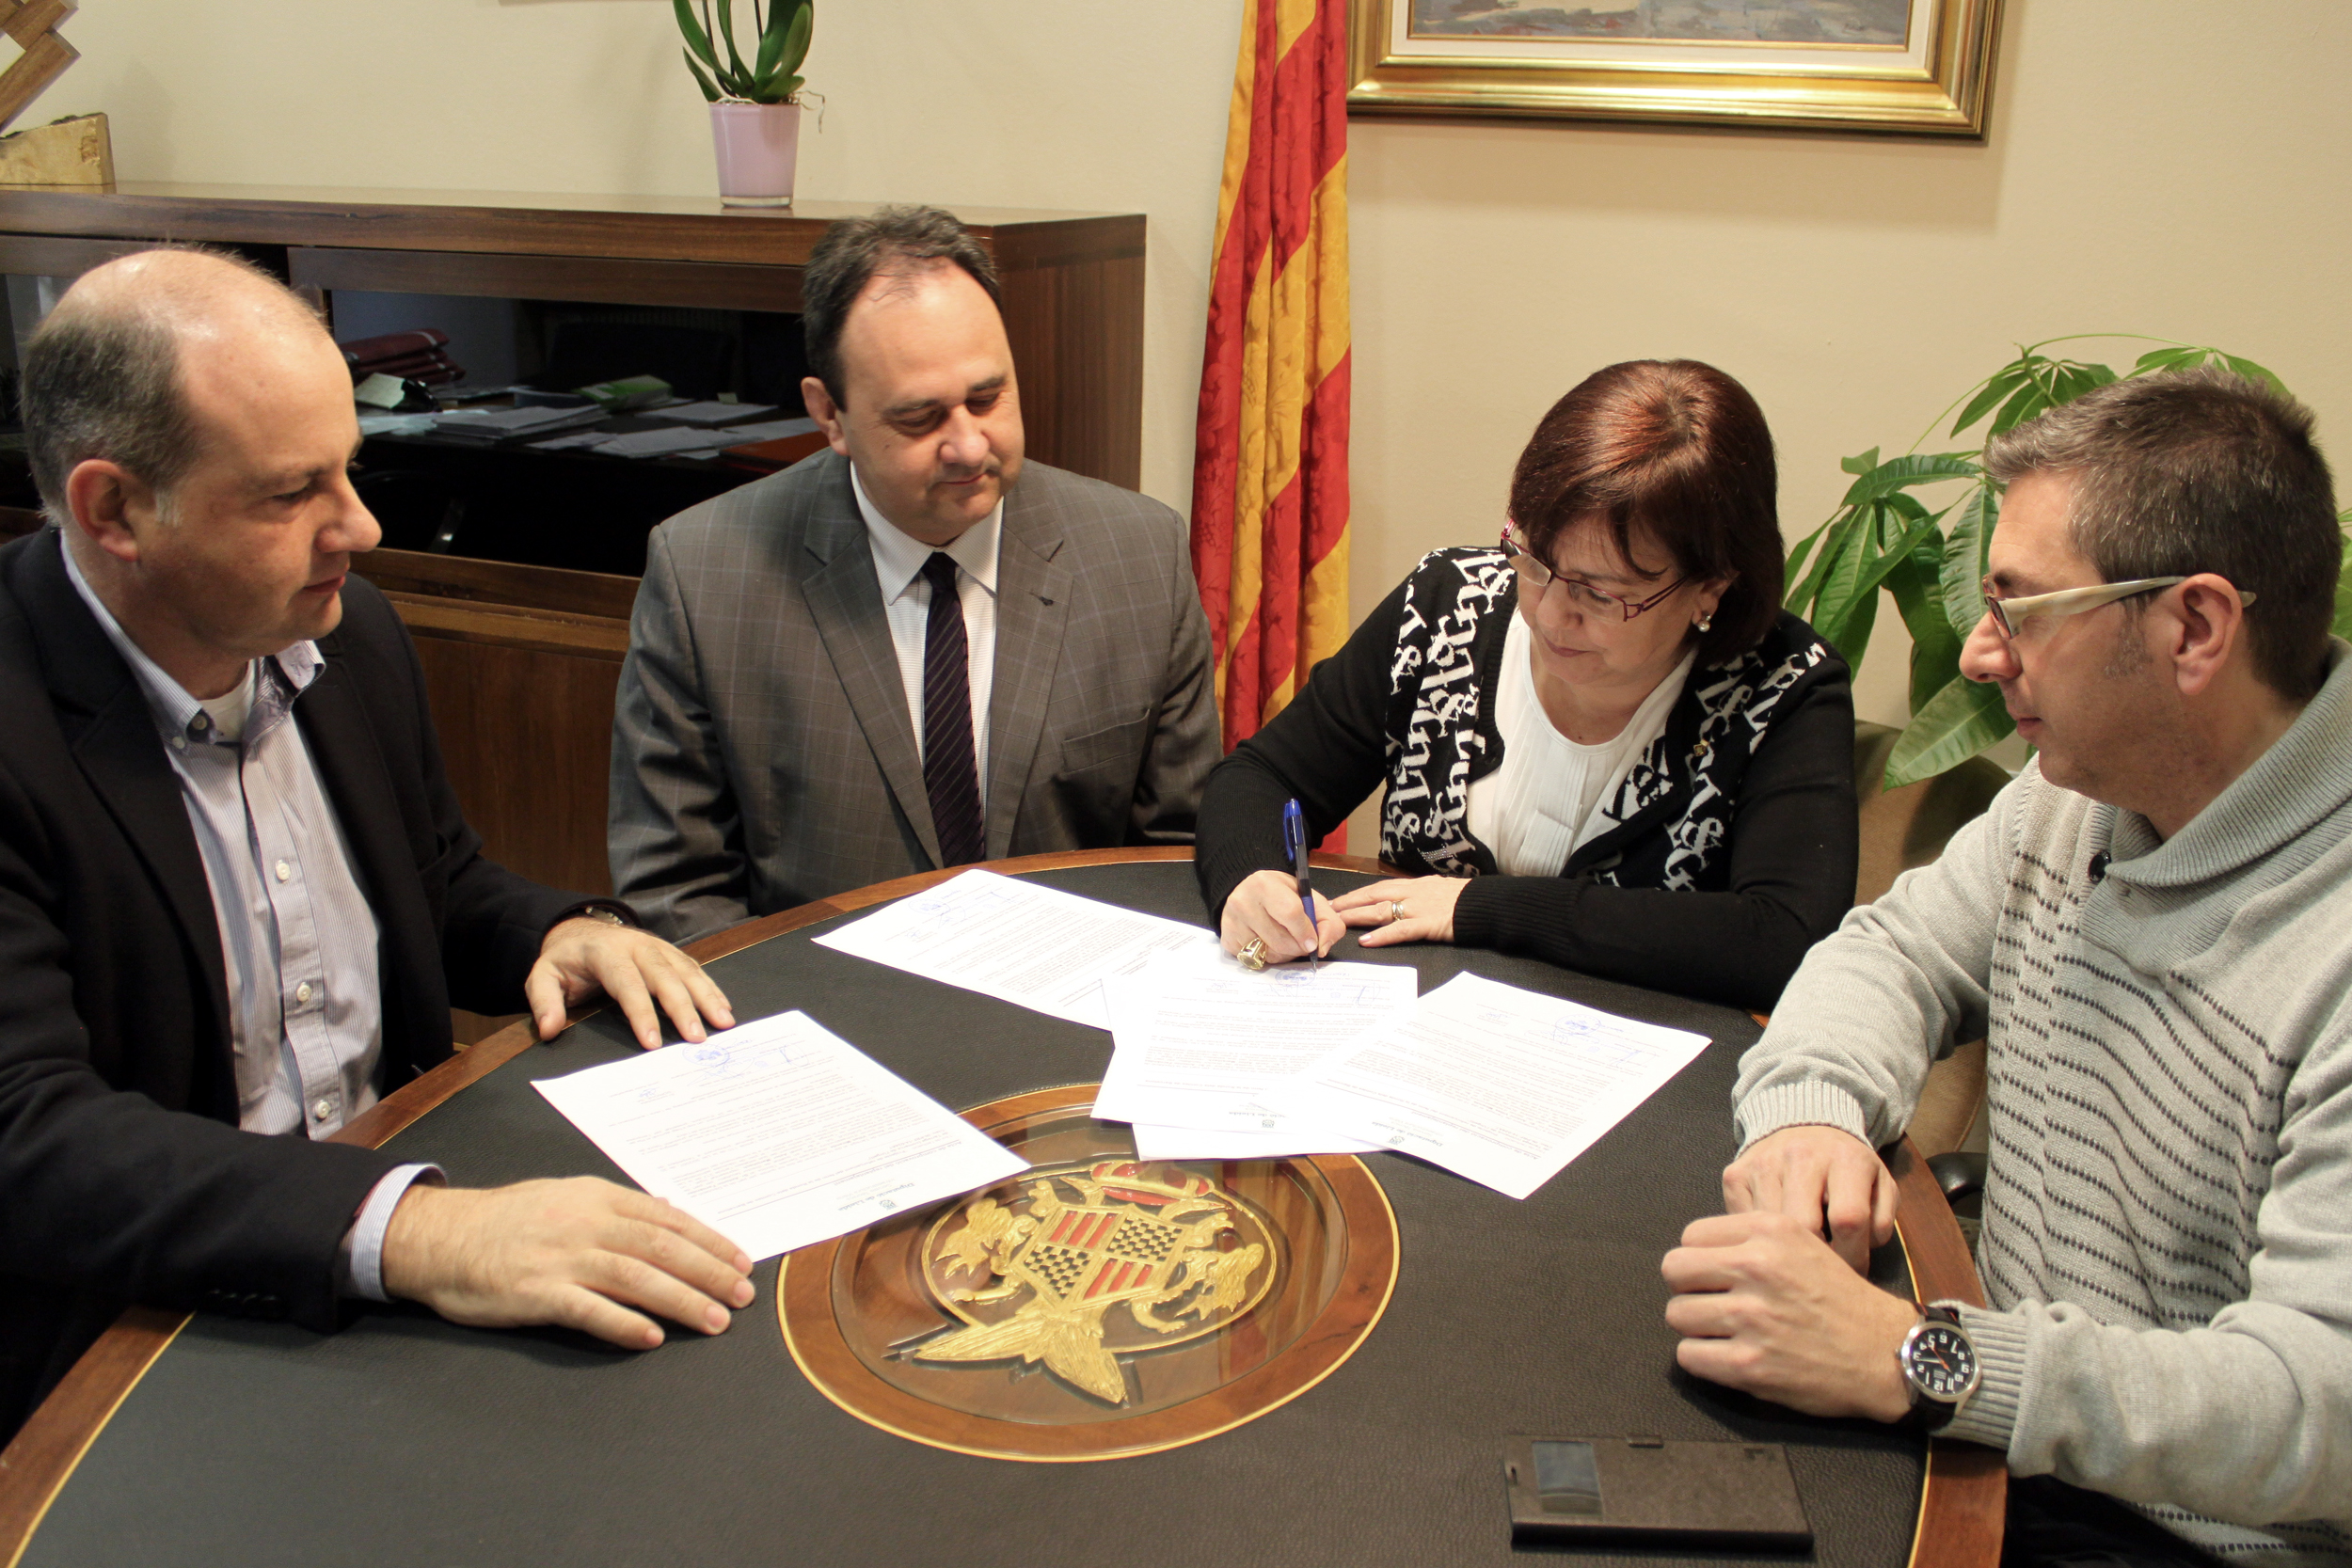 El mes vinent iniciaran la renovació del ferm de la Ronda dels Comtes de Barcelona, finançada per la Diputació de Lleida